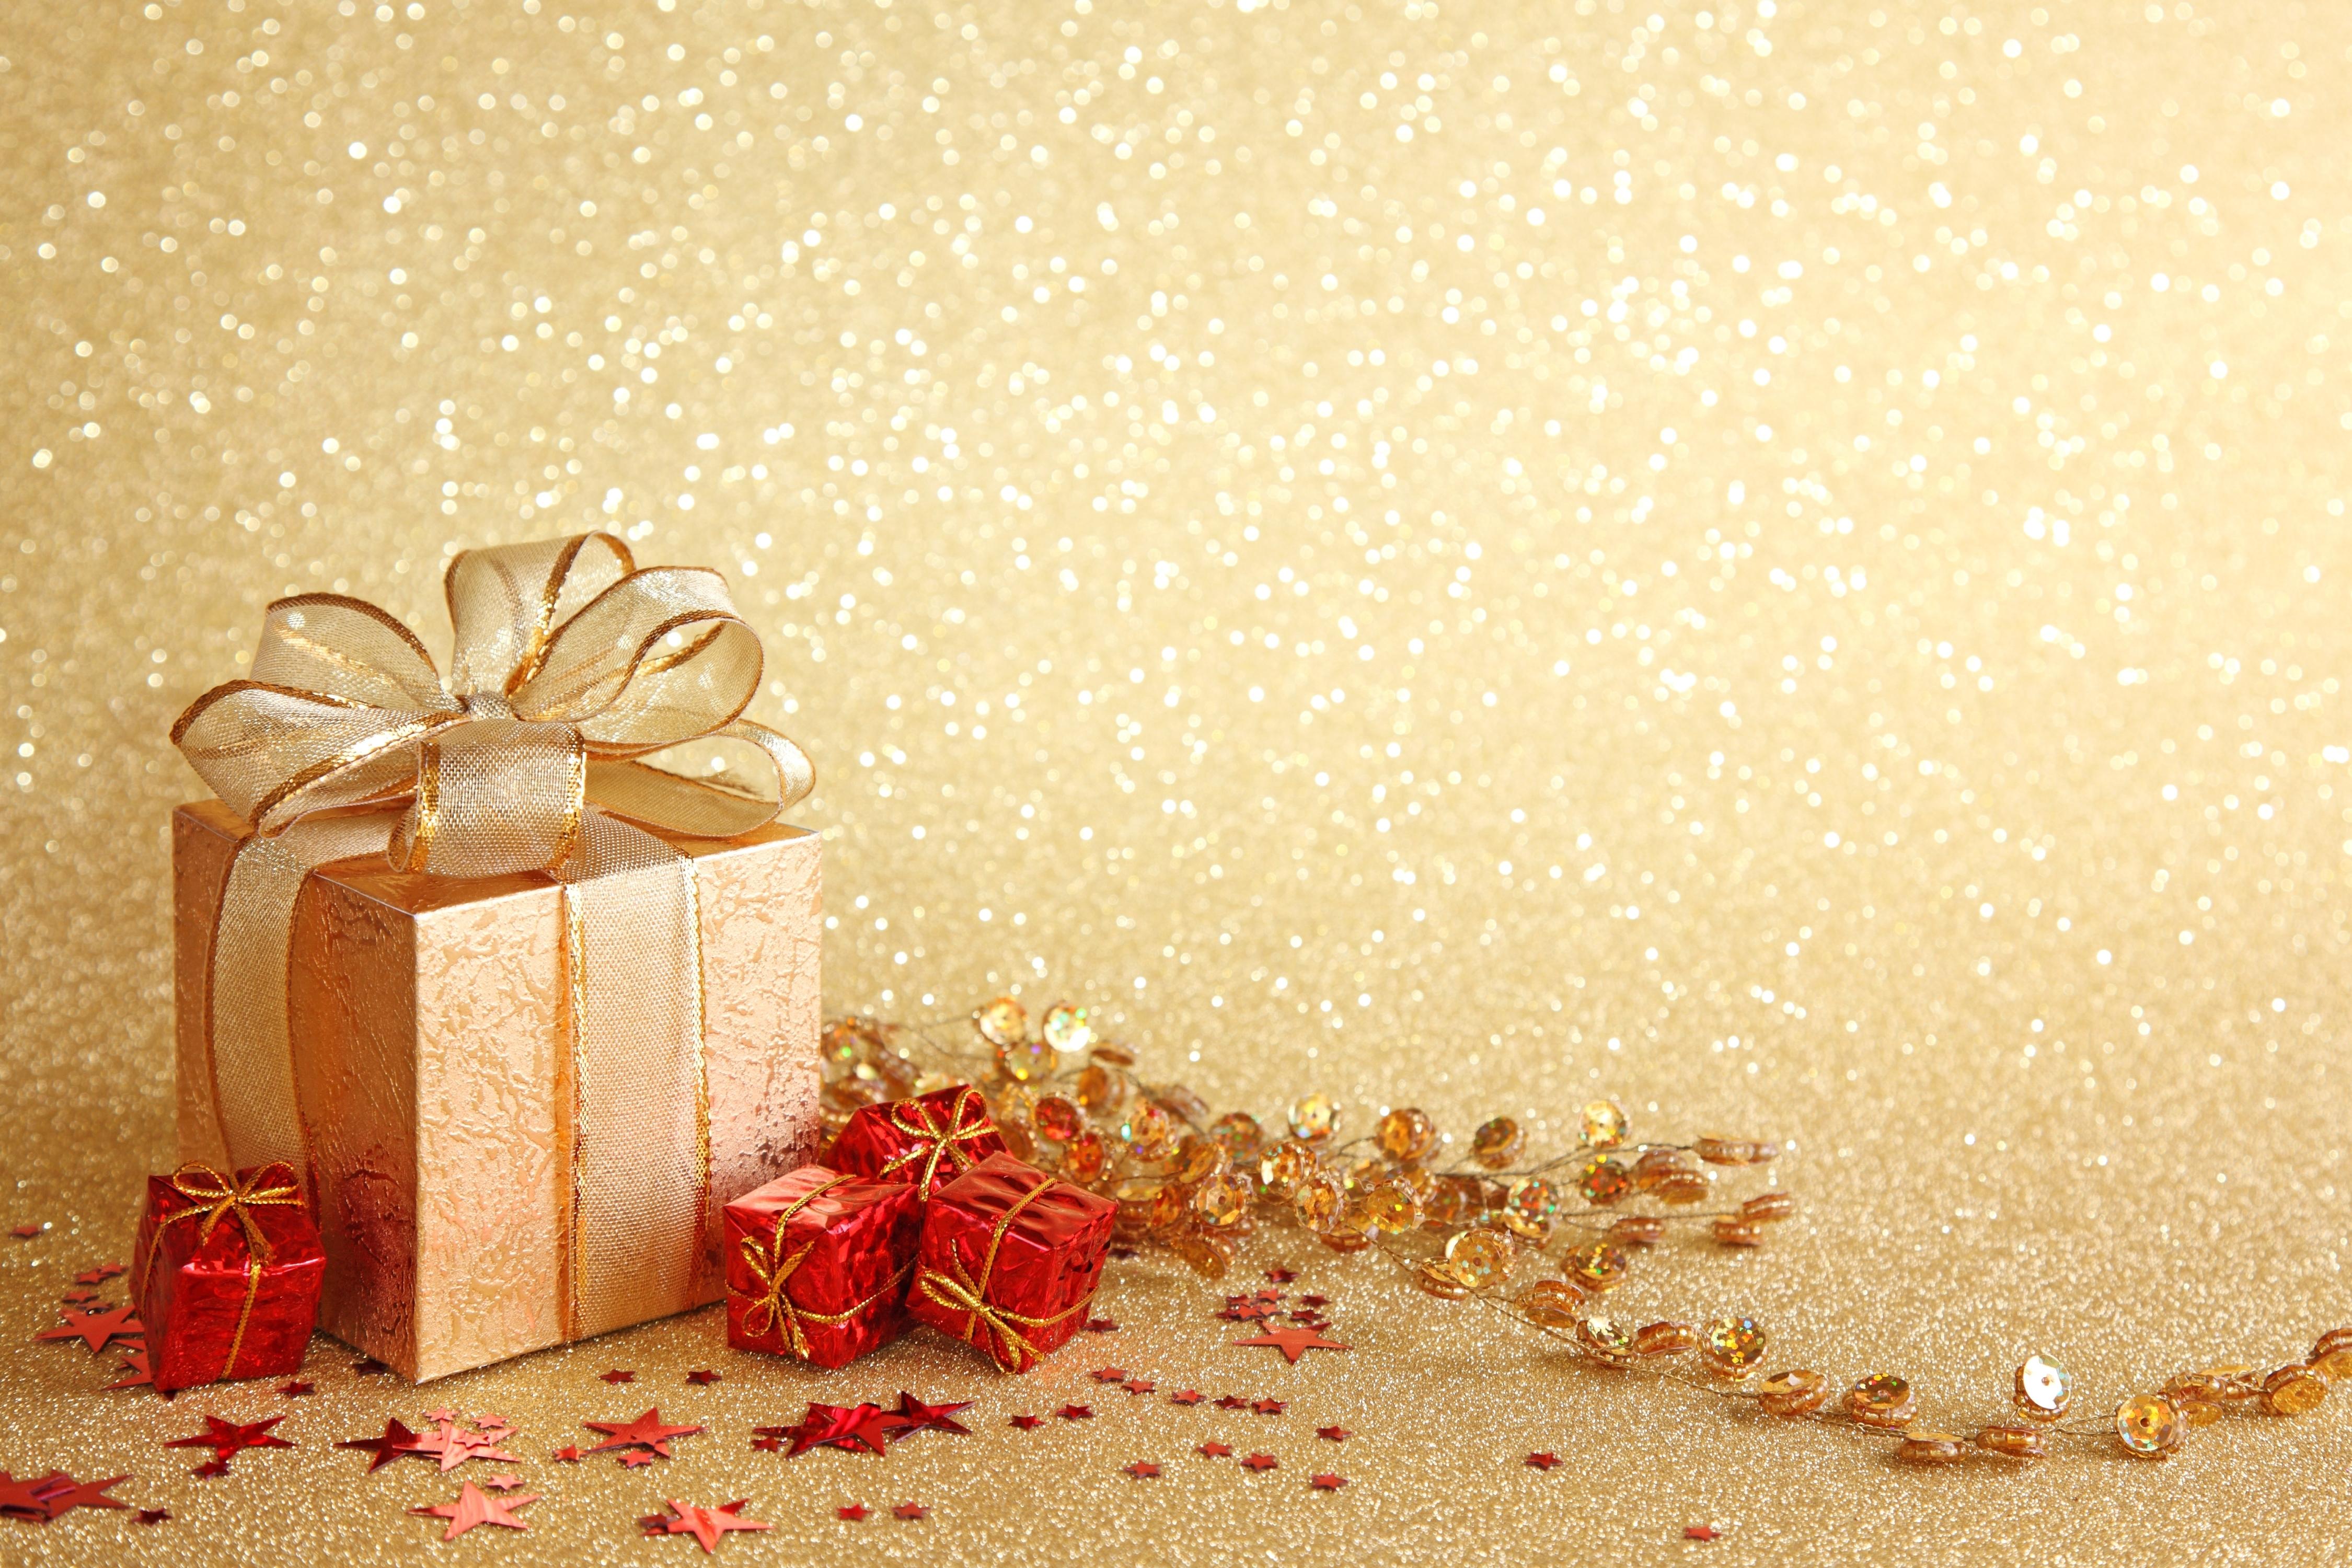 Картинка, открытки новогодние с юбилеем